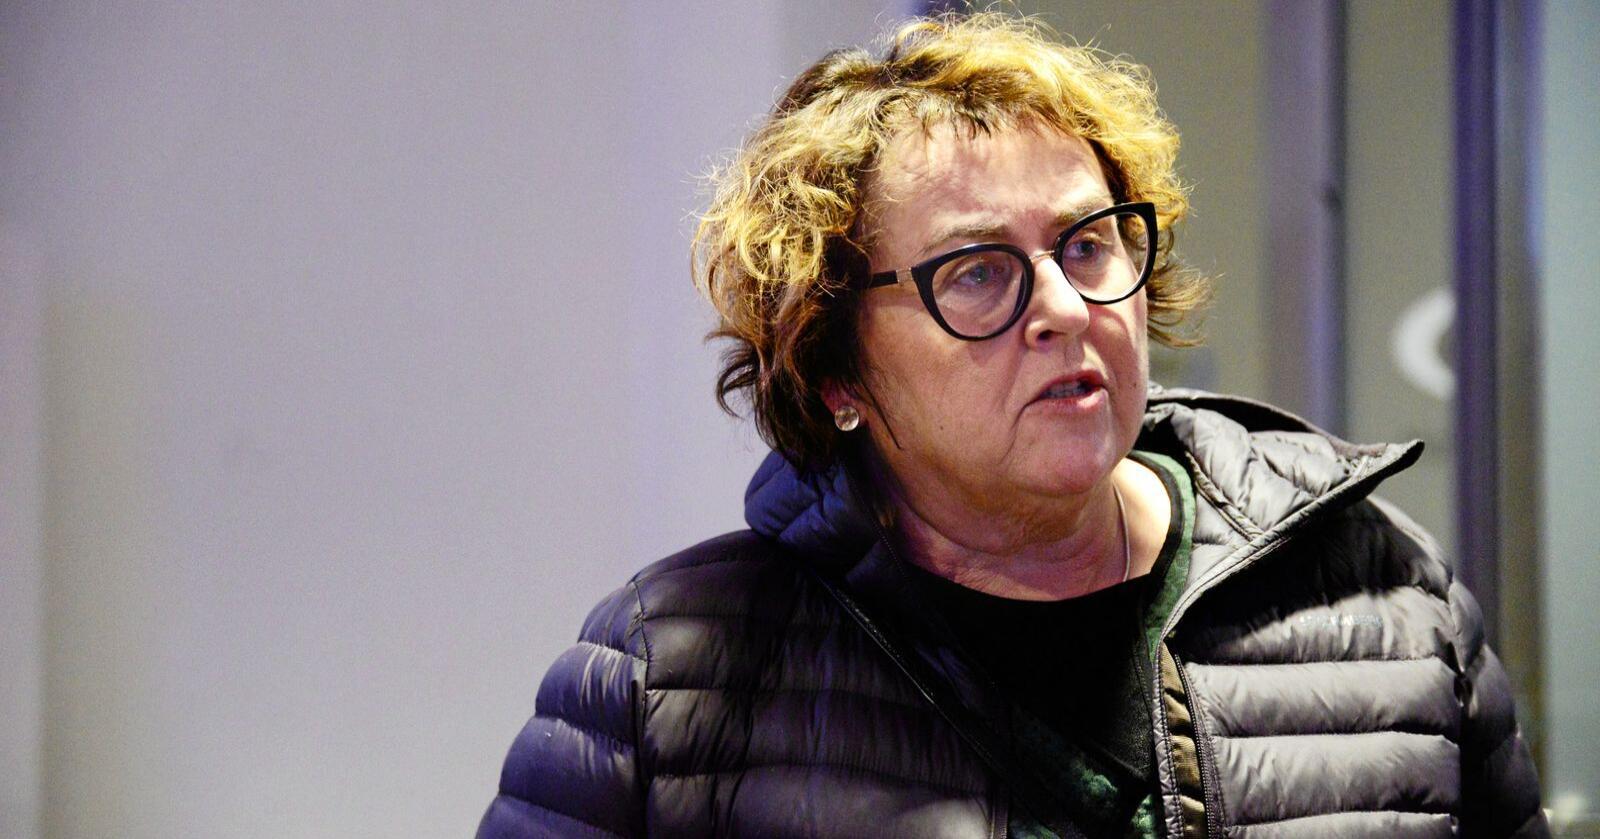 Landbruks- og matminister Olaug Bollestad forteller at hun to ganger i uka har skypemøte med jordbruksorganisasjonene, og produsentene for å ta opp hvilke utfordringer som kommer i forbindelse med koronaviruset. Foto: Siri Juell Rasmussen